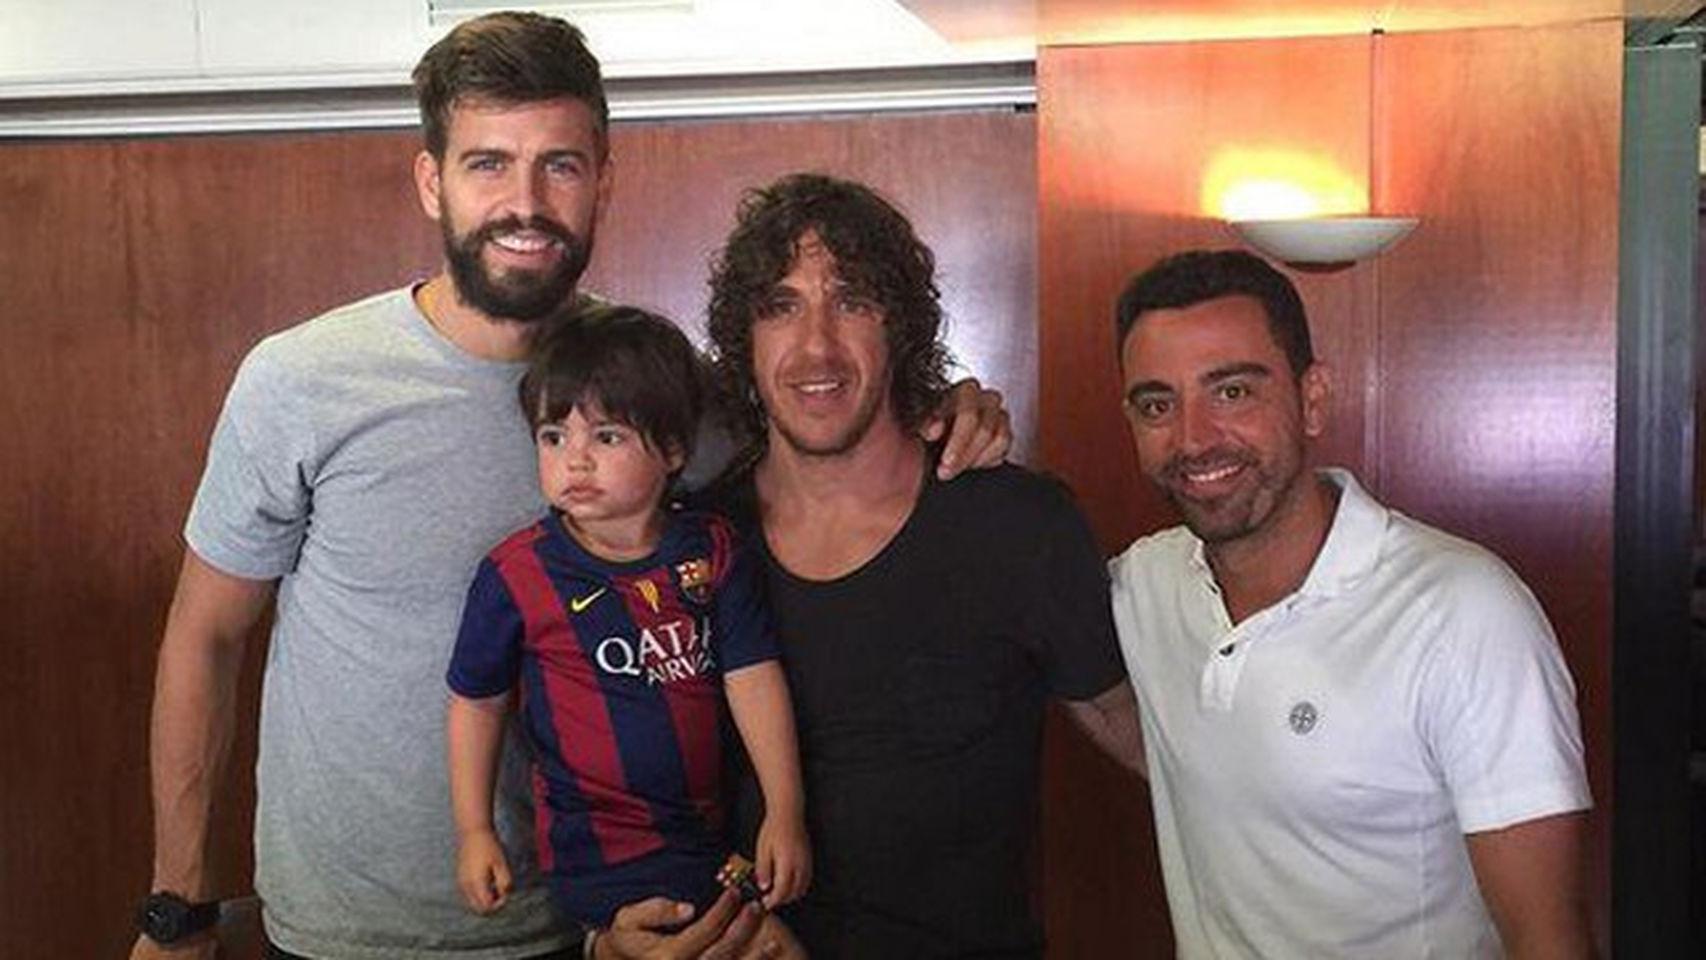 Piqué, Puyol y Xavi, con Milan, el hijo del central y Shakira